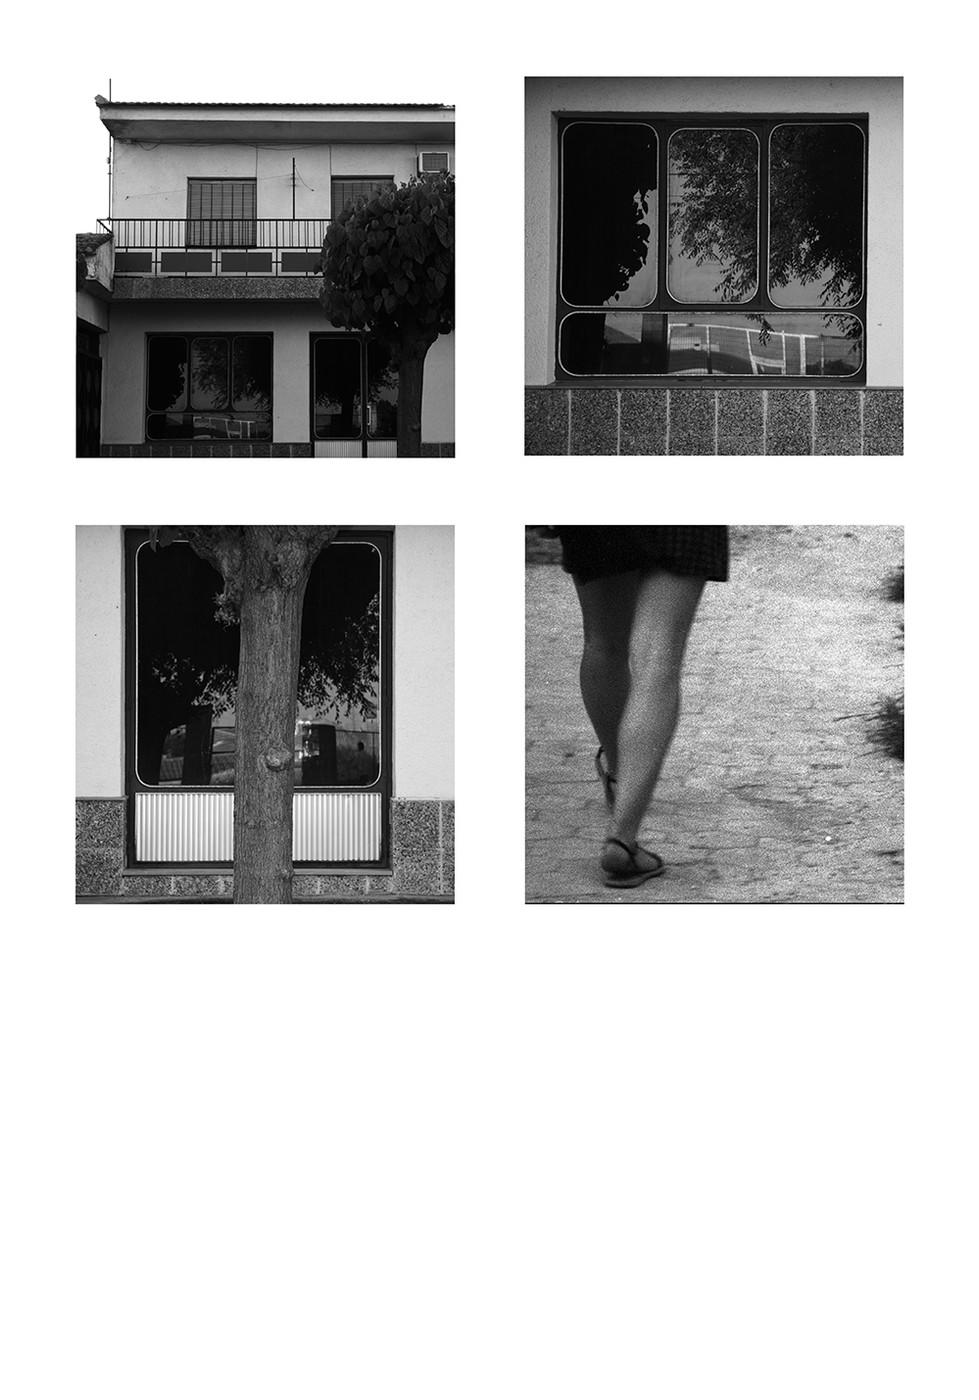 03_b.jpg